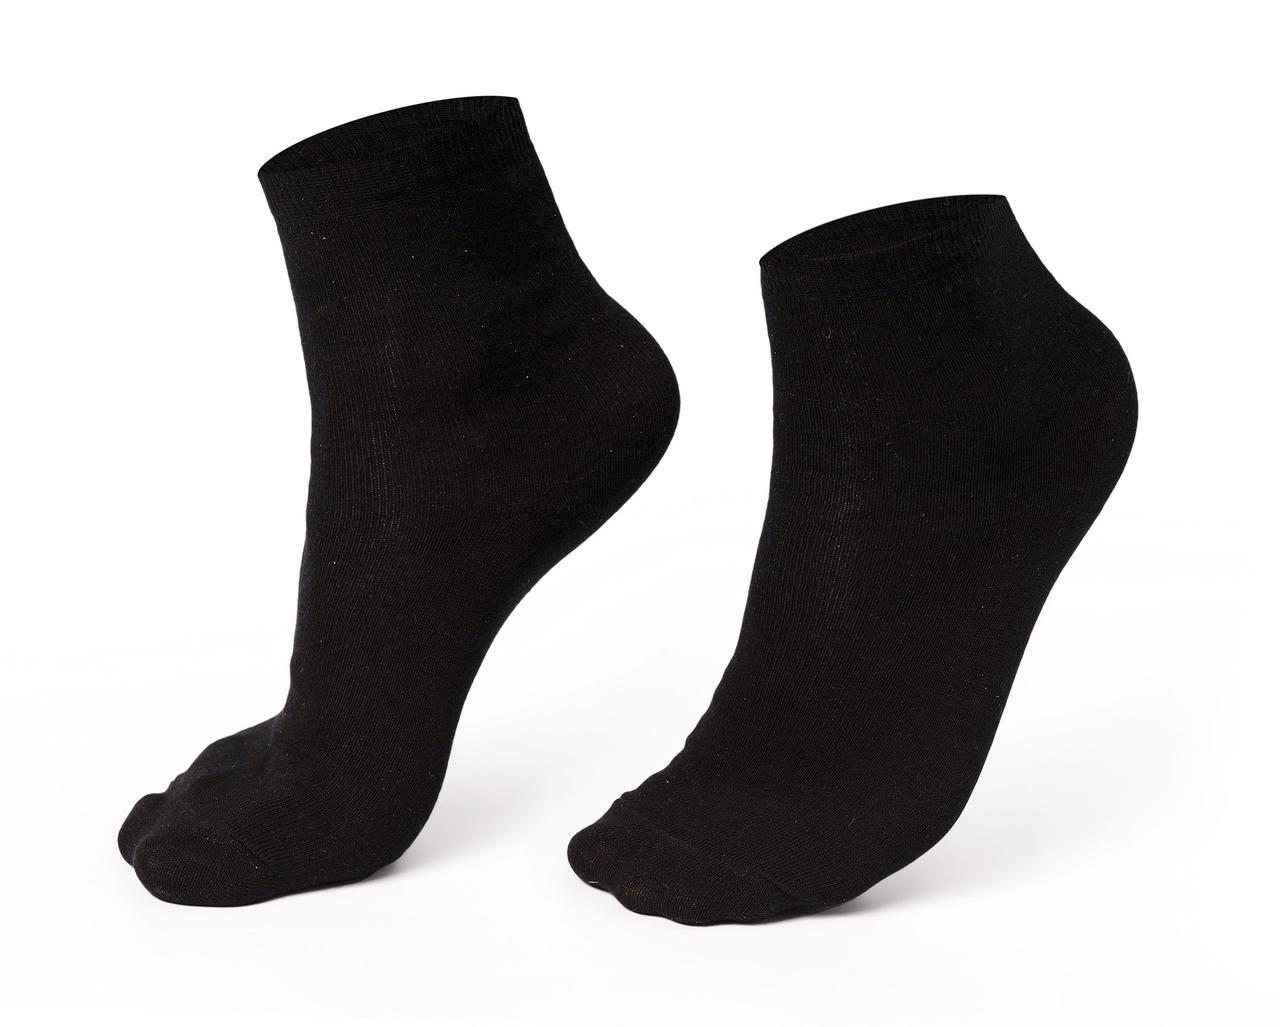 Спортивные мужские носки, черные, длинные